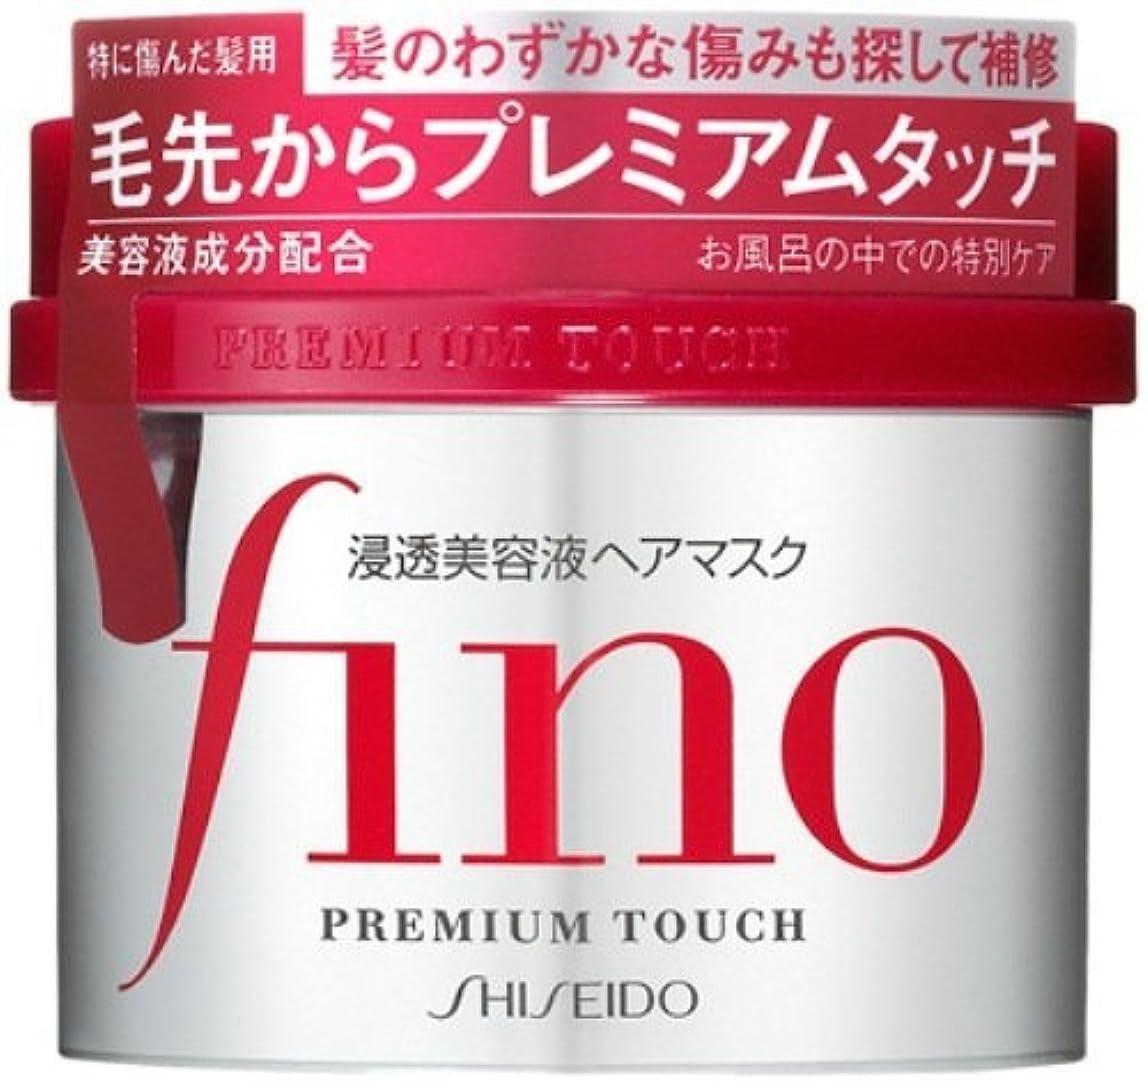 汚れたダウン滞在フィーノ浸透美容液ヘアマスク230G × 10個セット